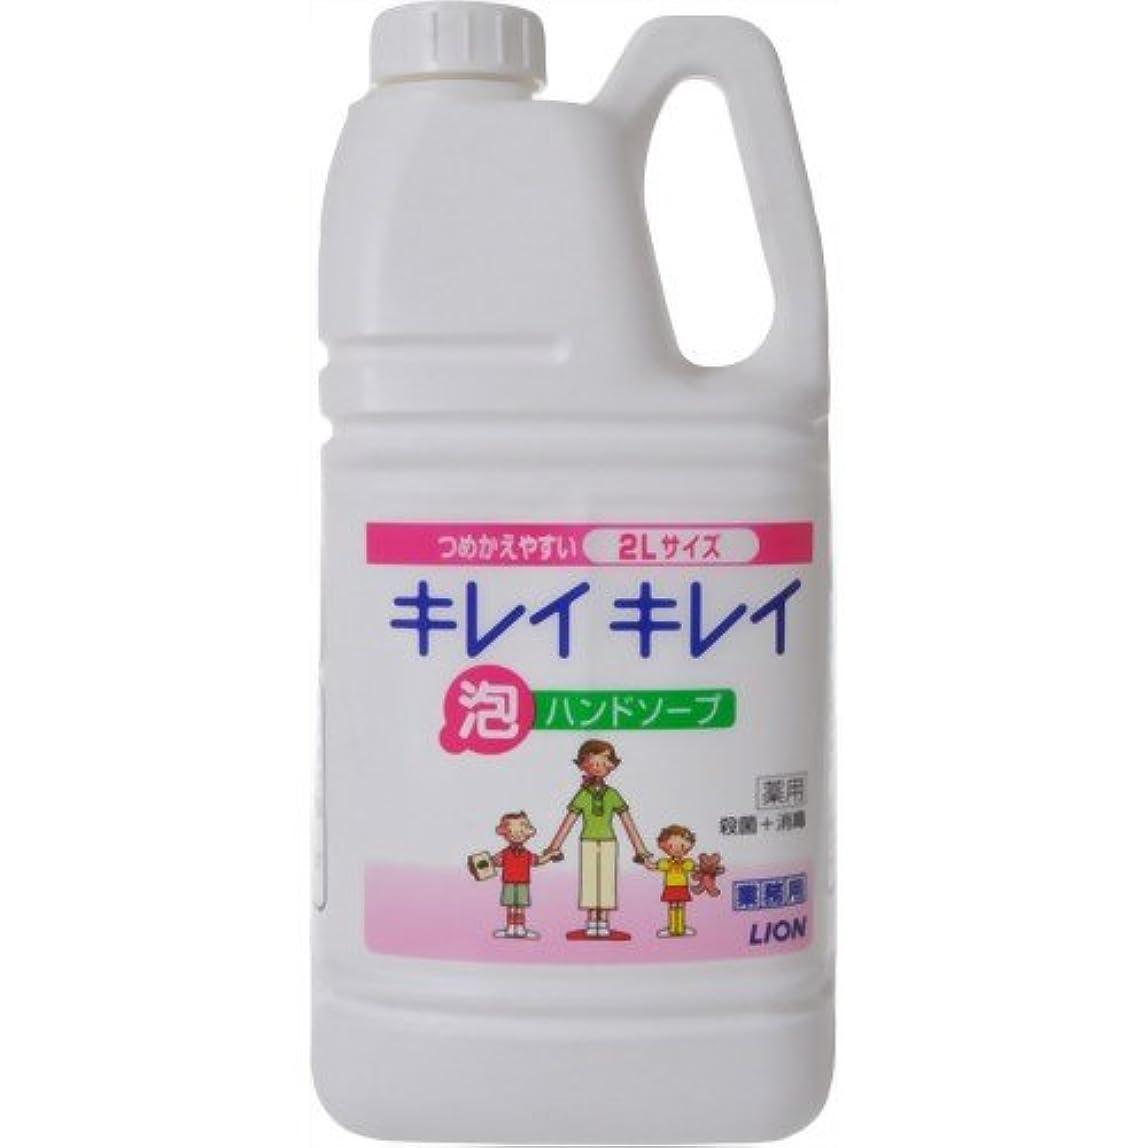 バイオレットアレルギー受粉者キレイキレイ薬用泡ハンドソープ2L(業務用)